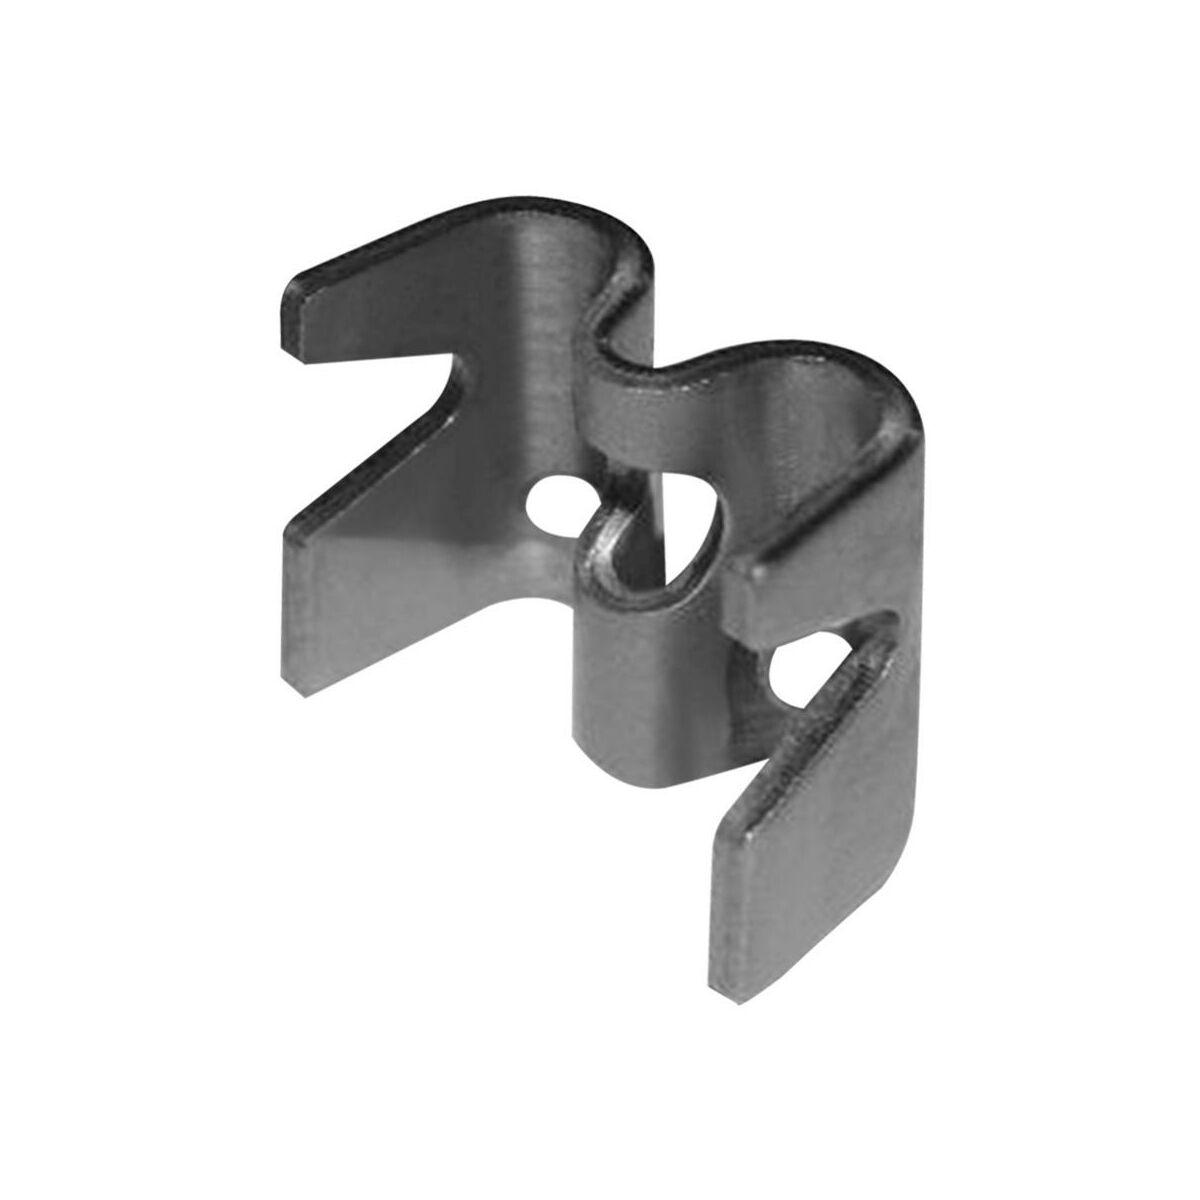 Spinki Do Paneli Ogrodzeniowych 50 Szt Polargos Akcesoria Do Montazu Ogrodzen Panelowych W Atrakcyjnej Cenie W Sklepach Leroy Merlin